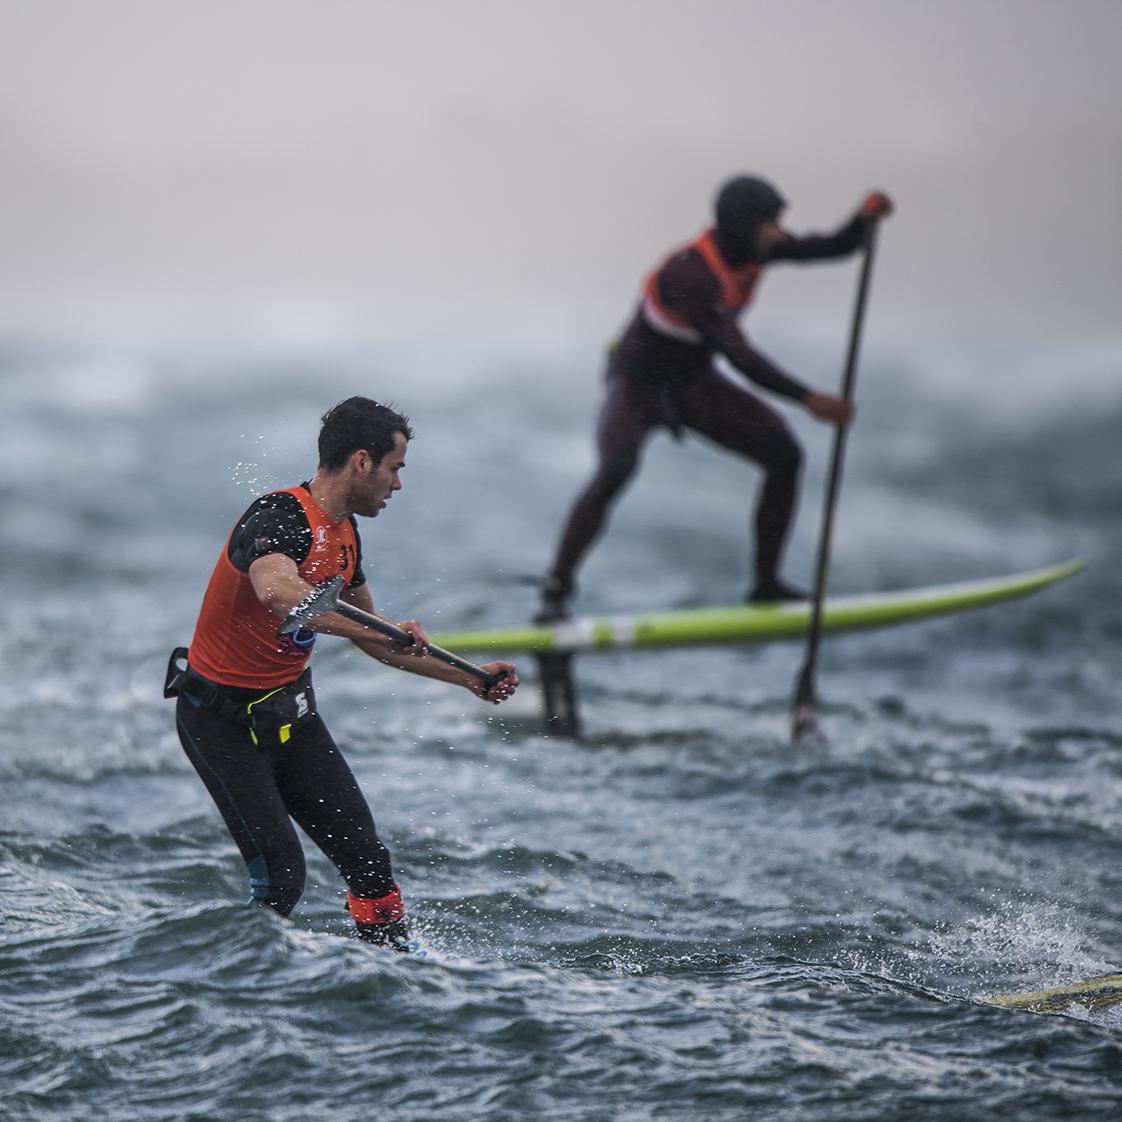 Photographie de mer paddle storm brest 2